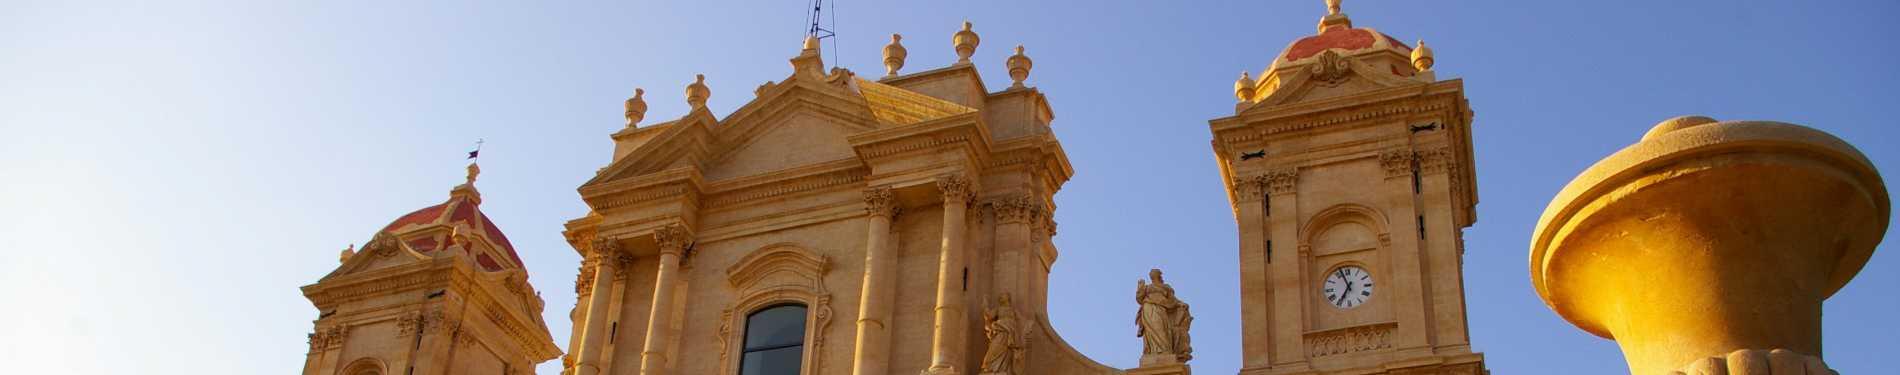 valdinoto-cattedrale-di-noto-1900-375